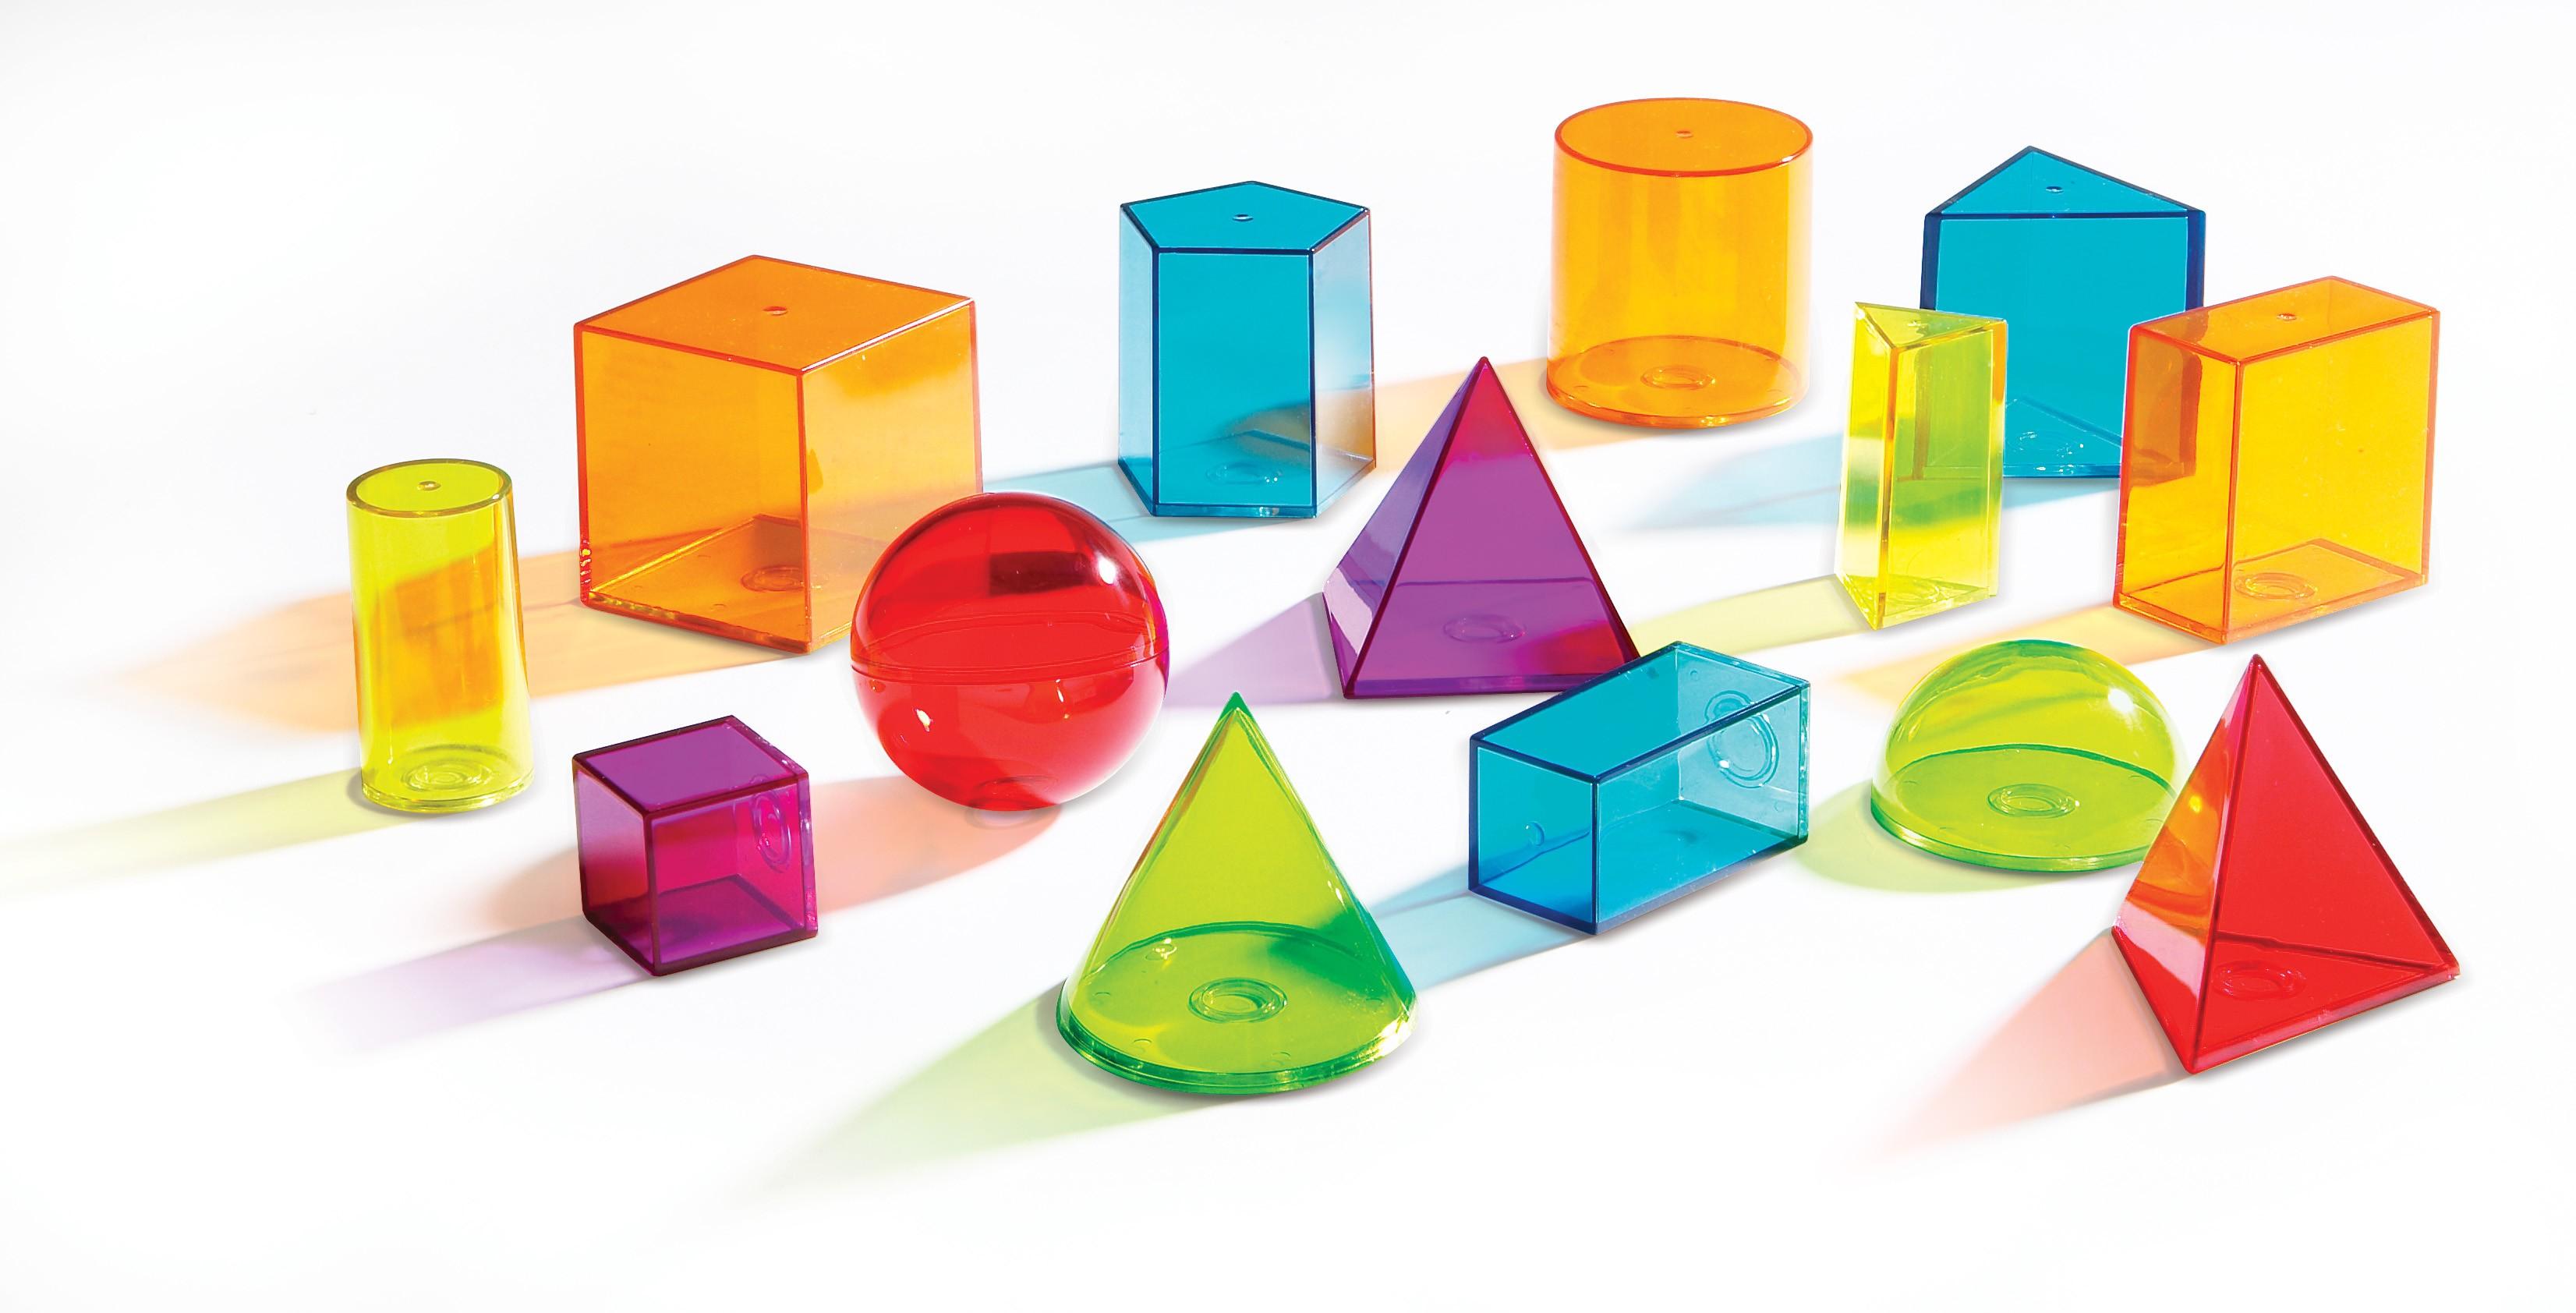 Průhledná barevná geometrická tělesa